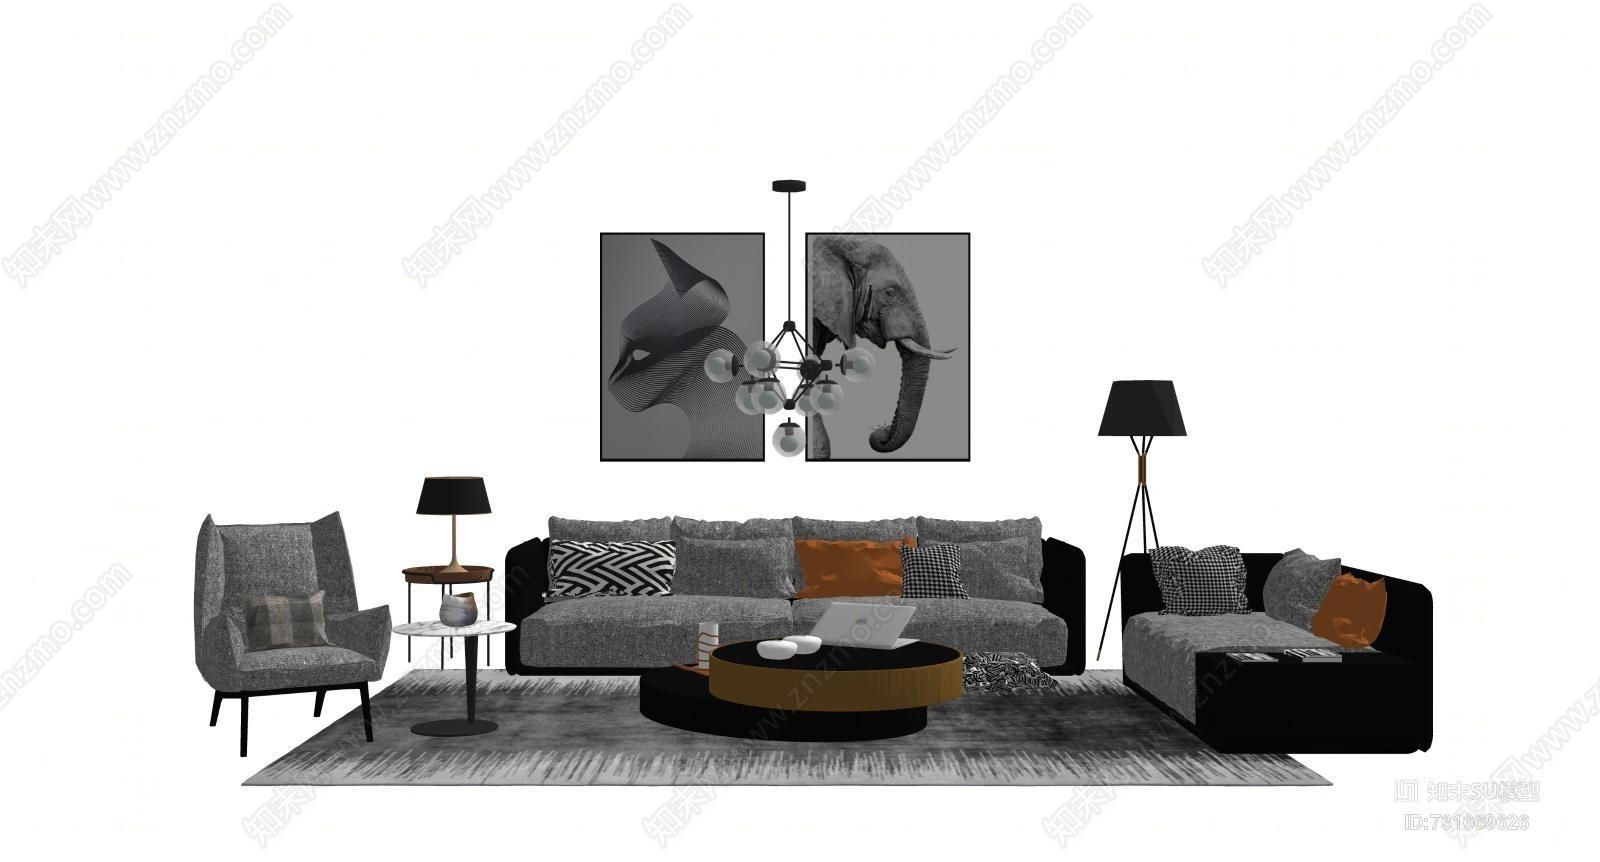 客厅现代组合沙发茶几沙发 箱包 家具 家居物品 饰品